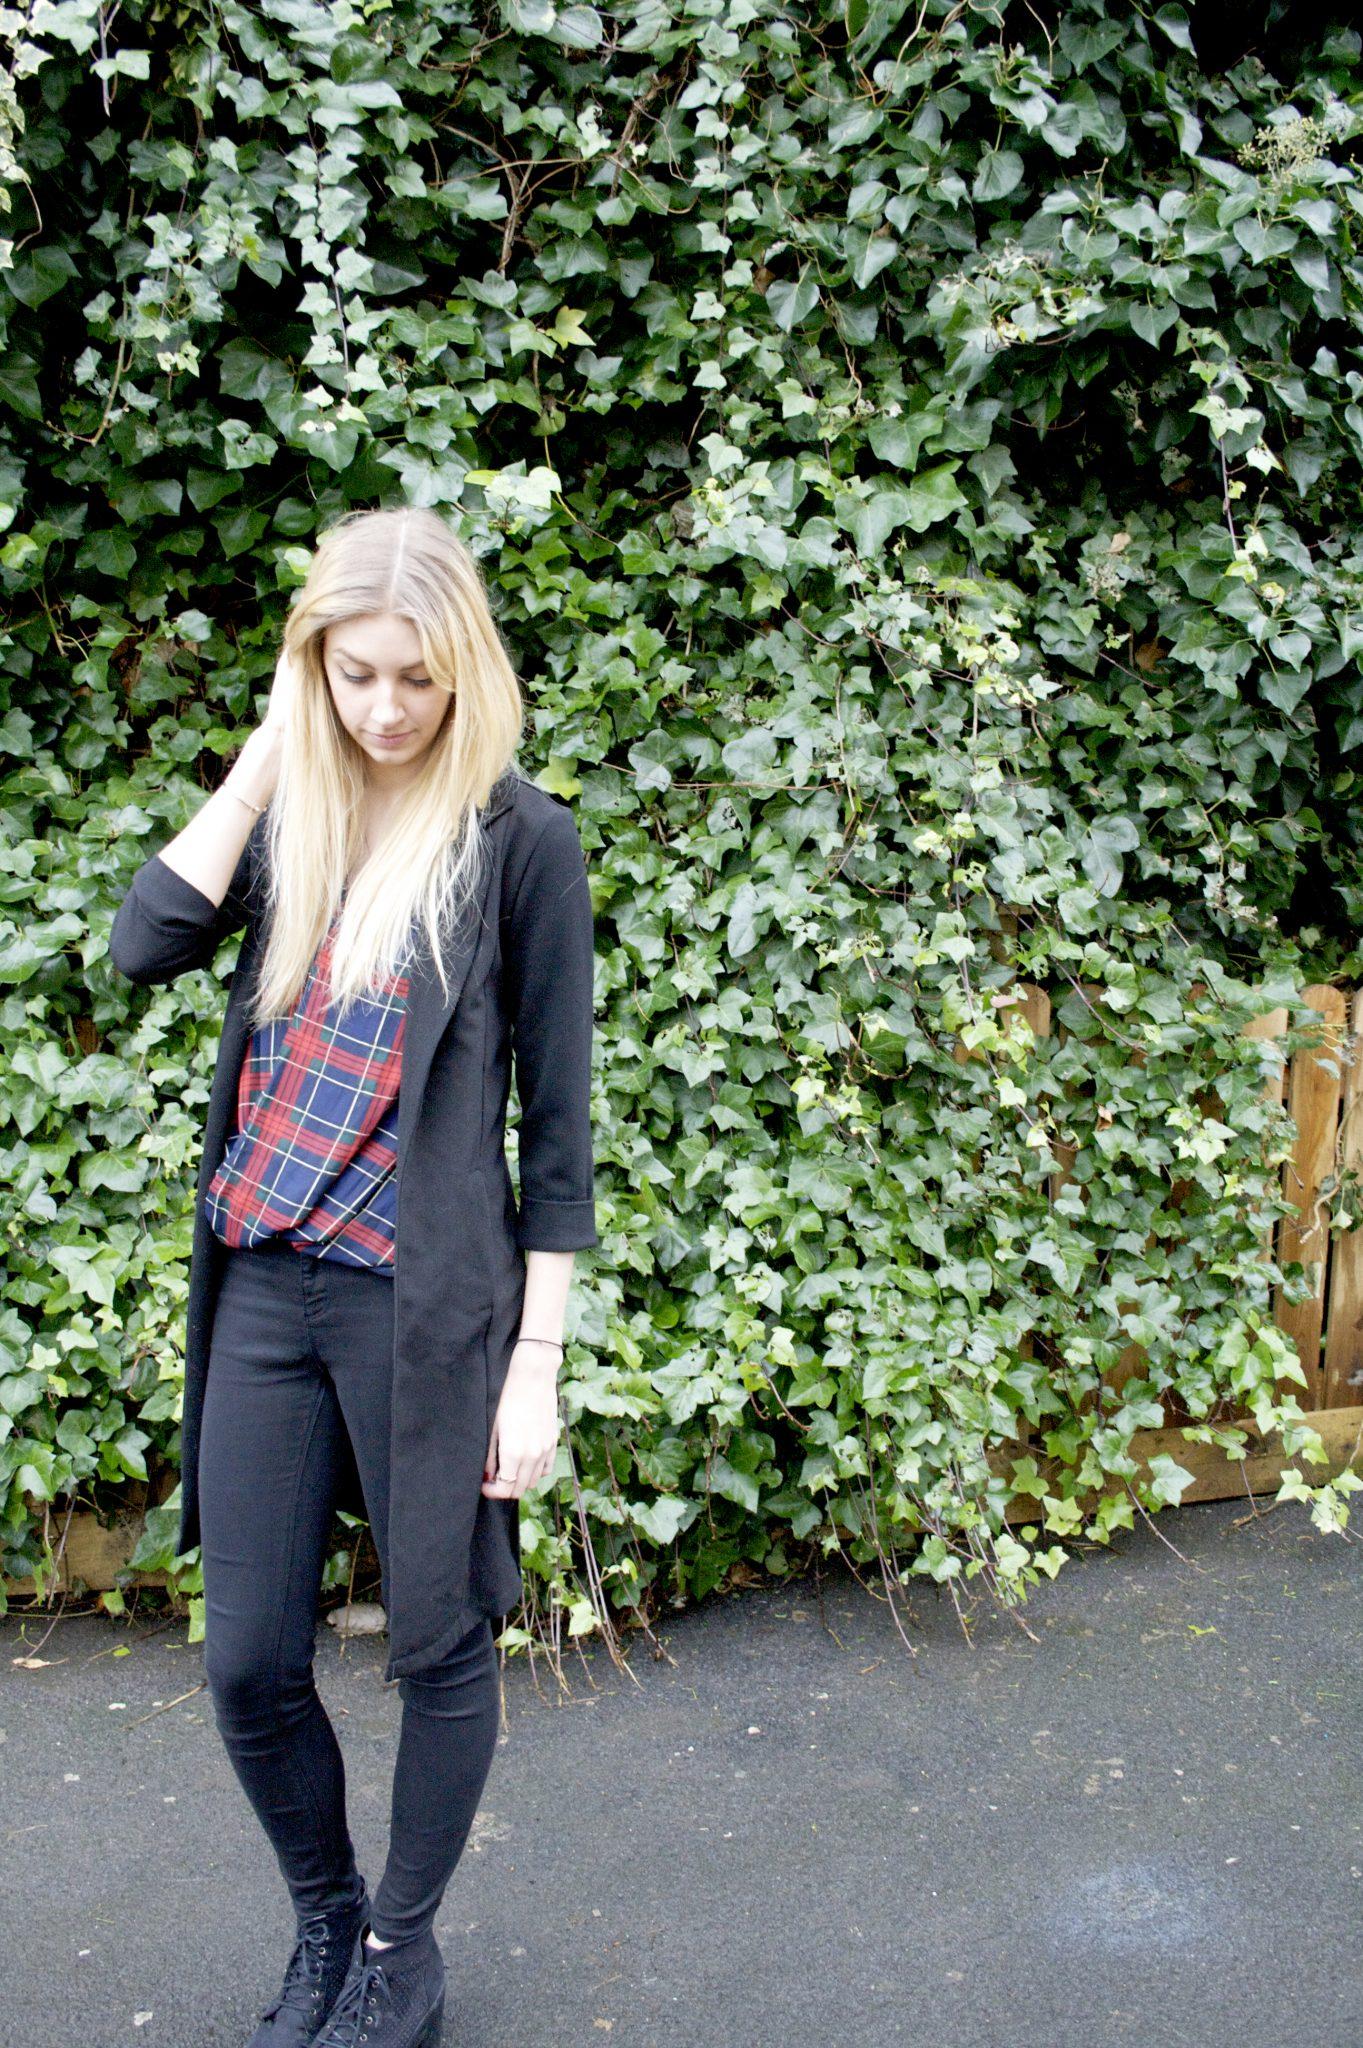 Manchester based fashion and lifestyle blogger. primark duster jacket, tiger mist tartan vest, river island jeans. Blonde blog.